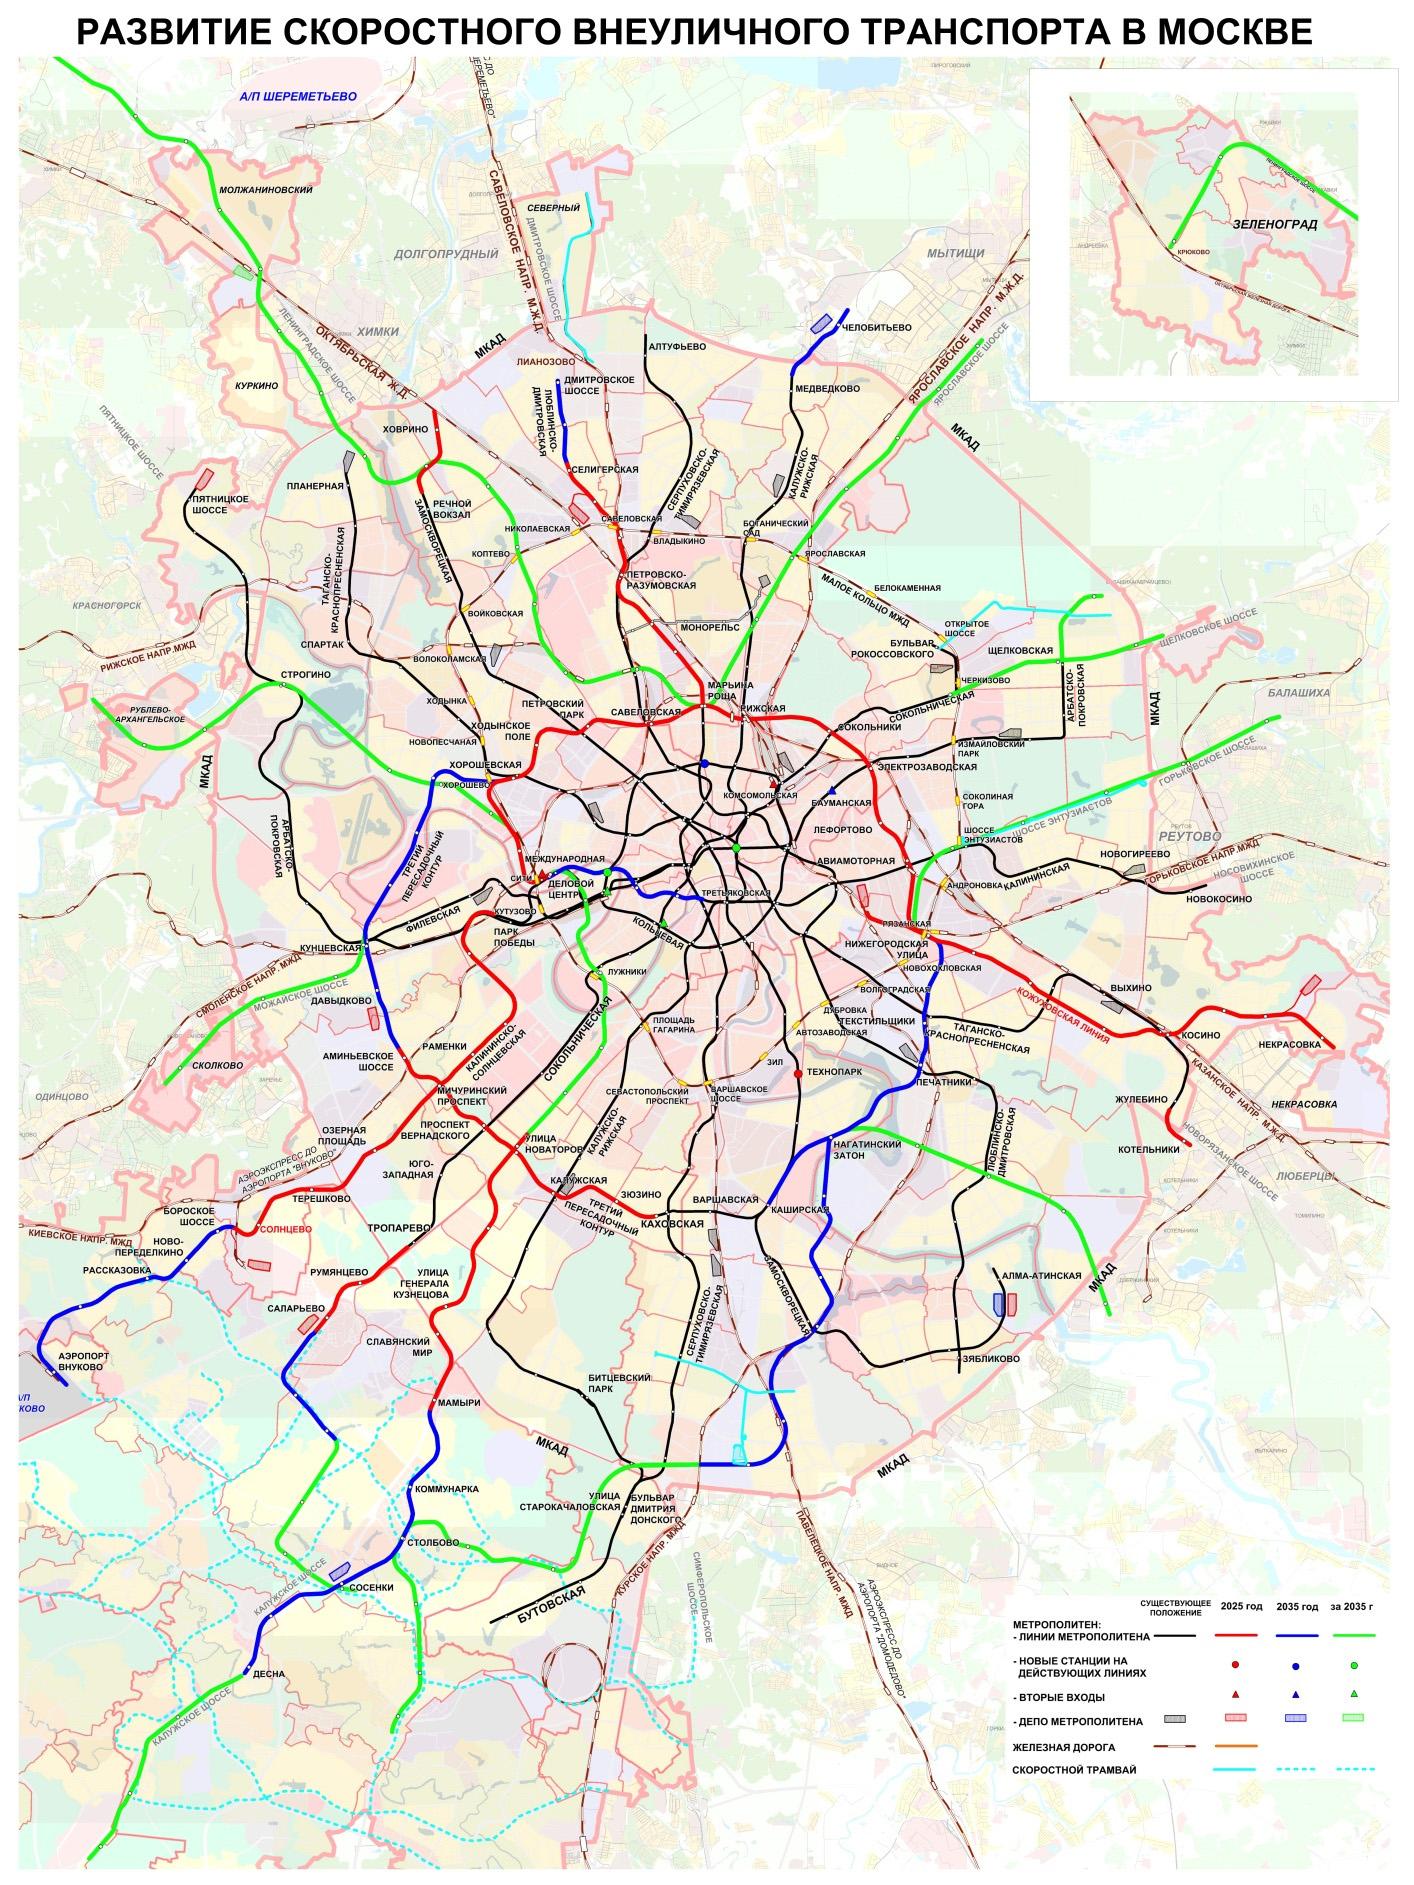 Схема развития московского метро схема